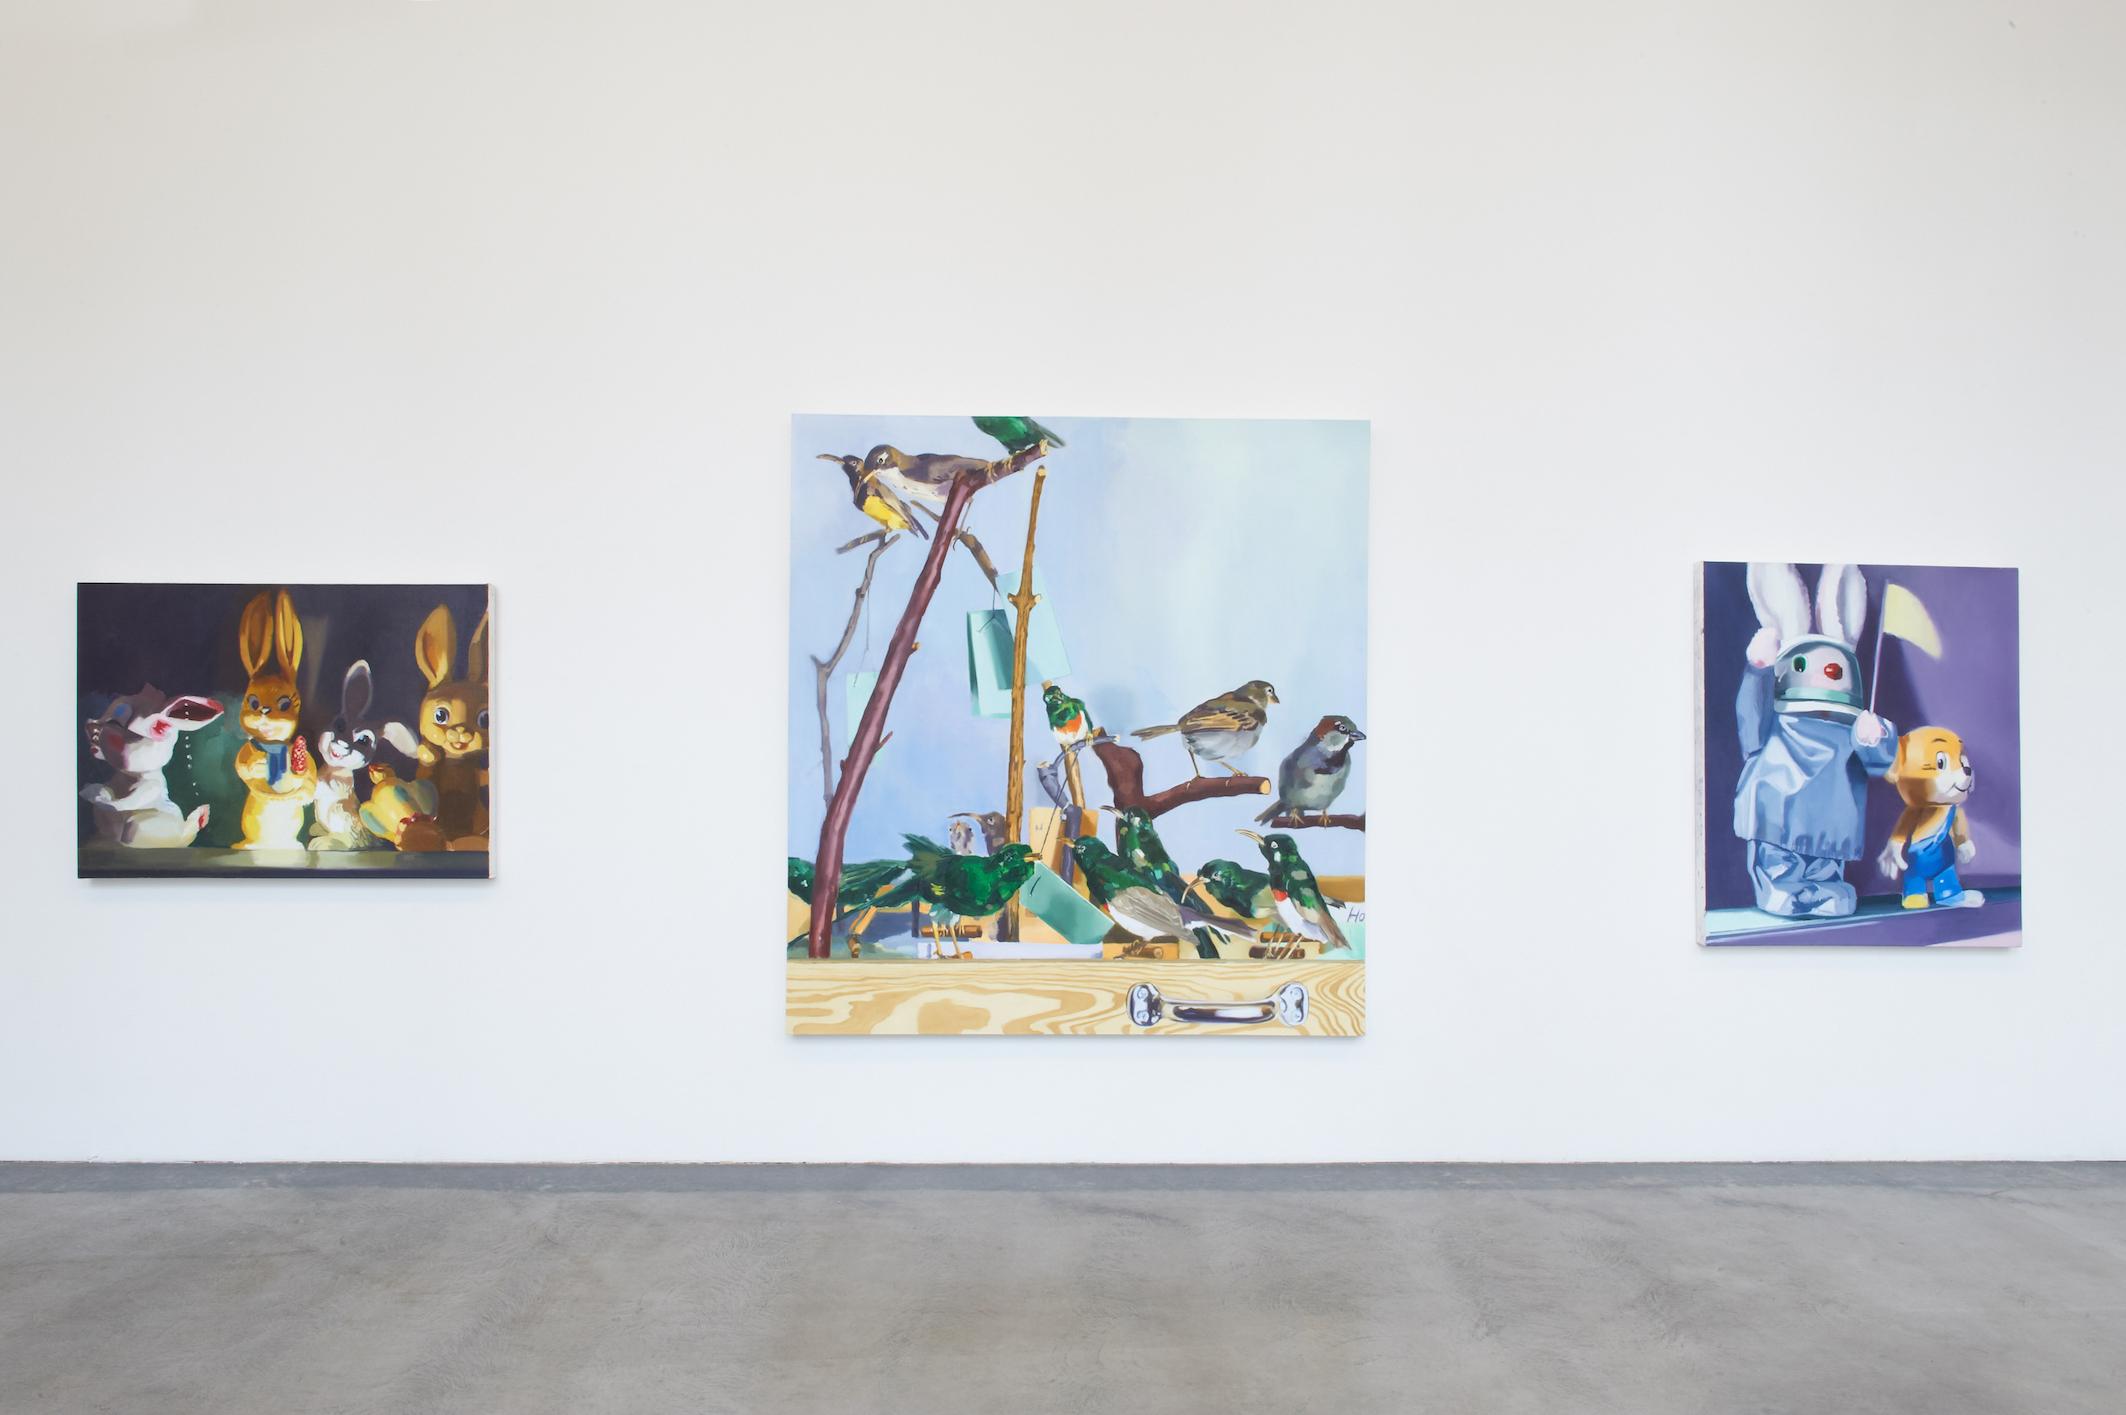 Galerie Nanna Preußners: Stilled Lives, 2014